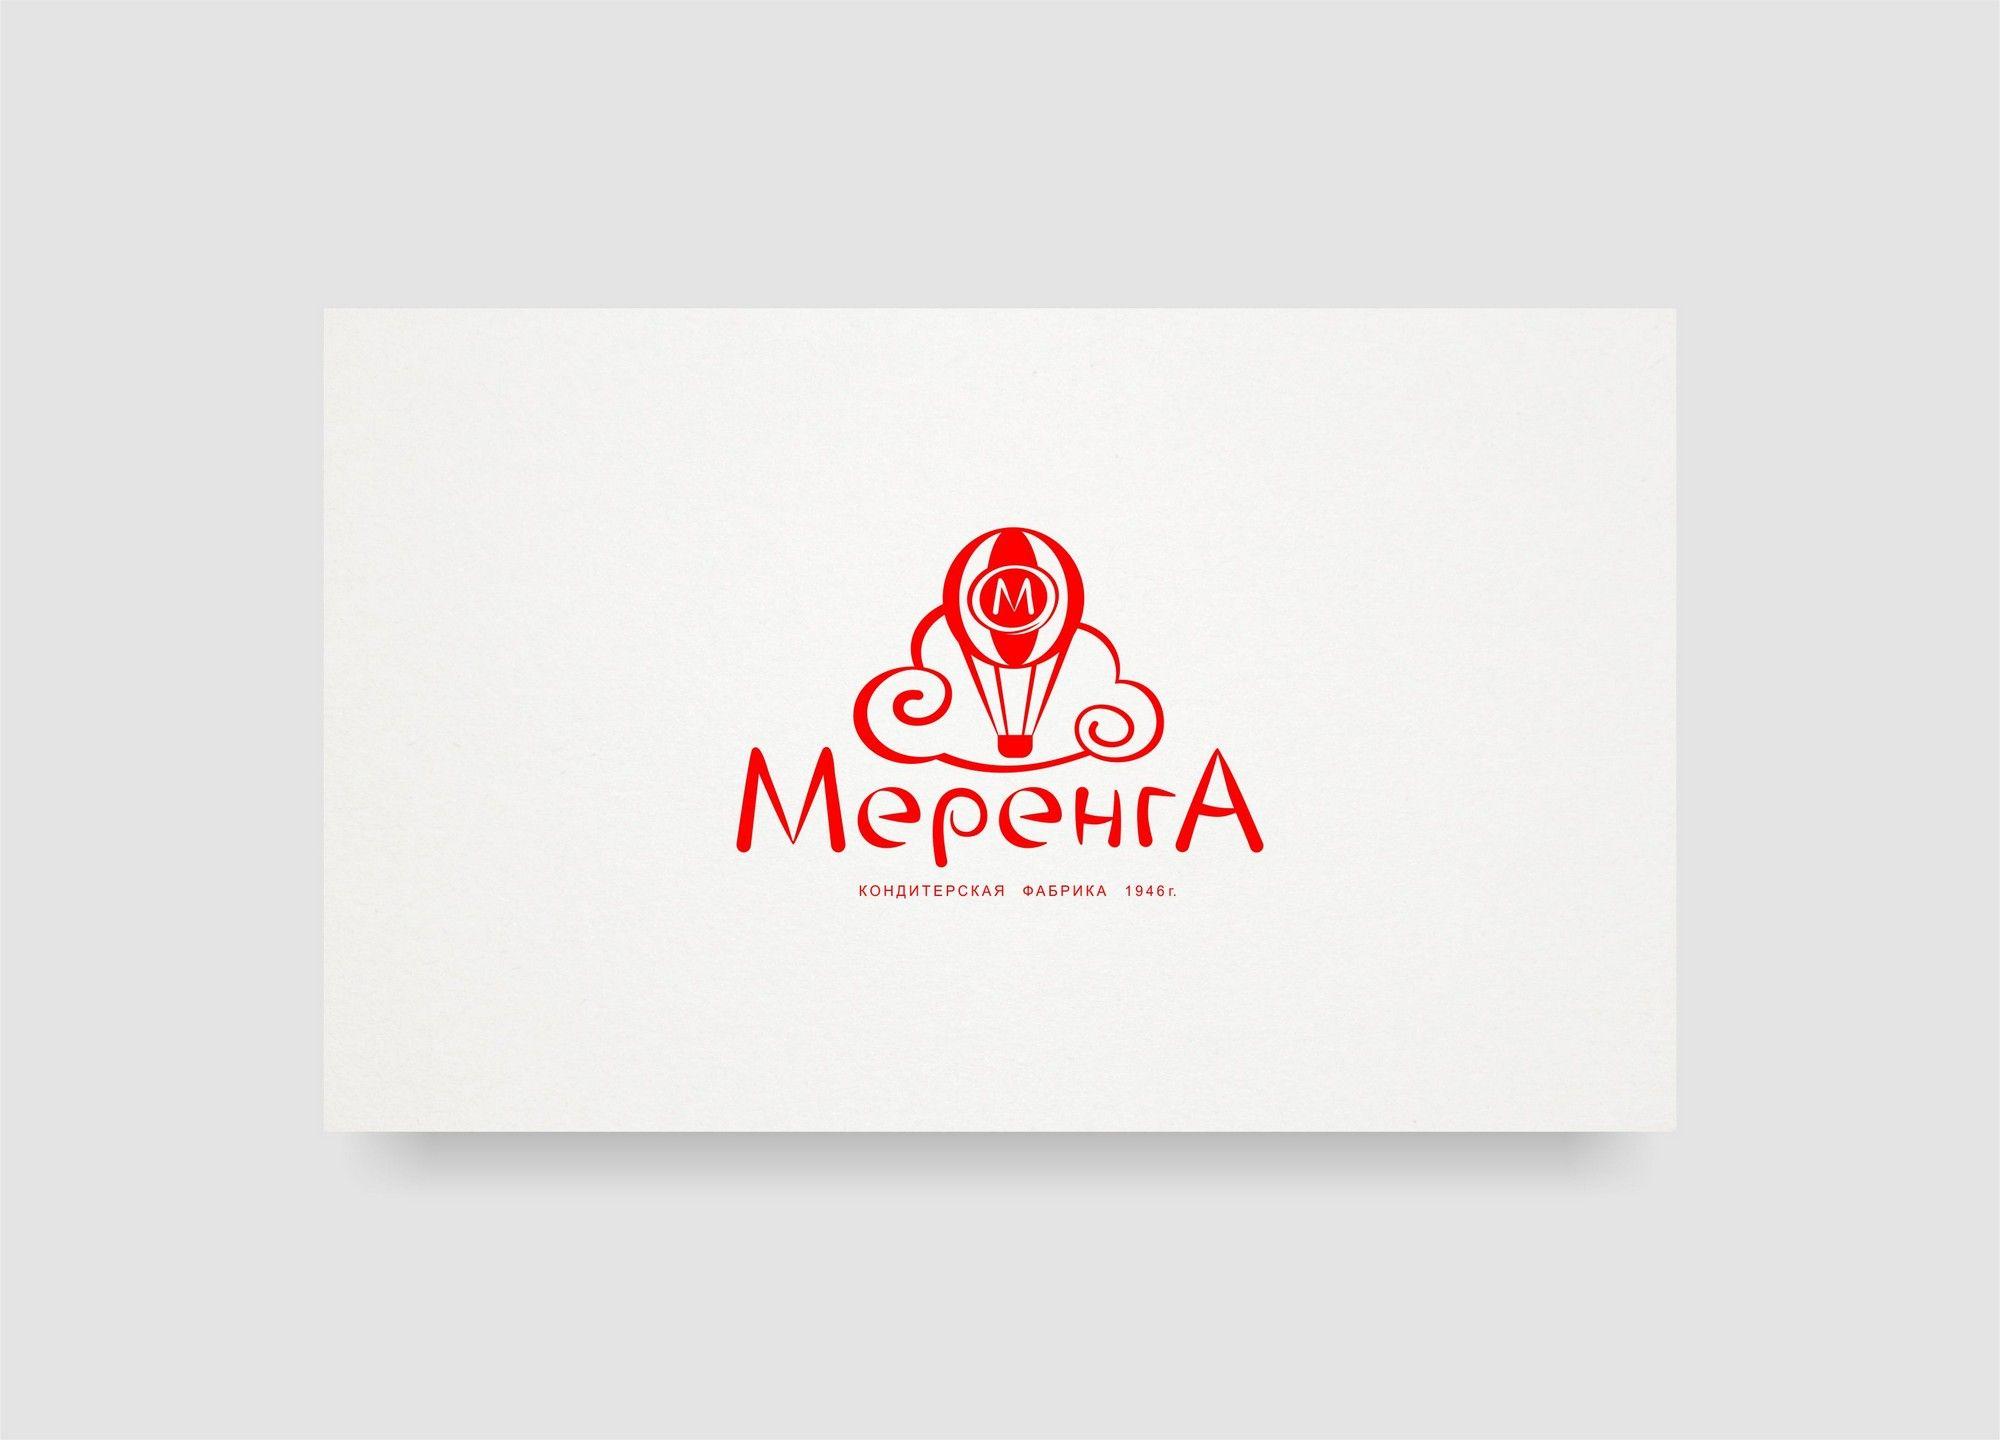 Логотип для кондитерской фабрики Меренга - дизайнер Foton